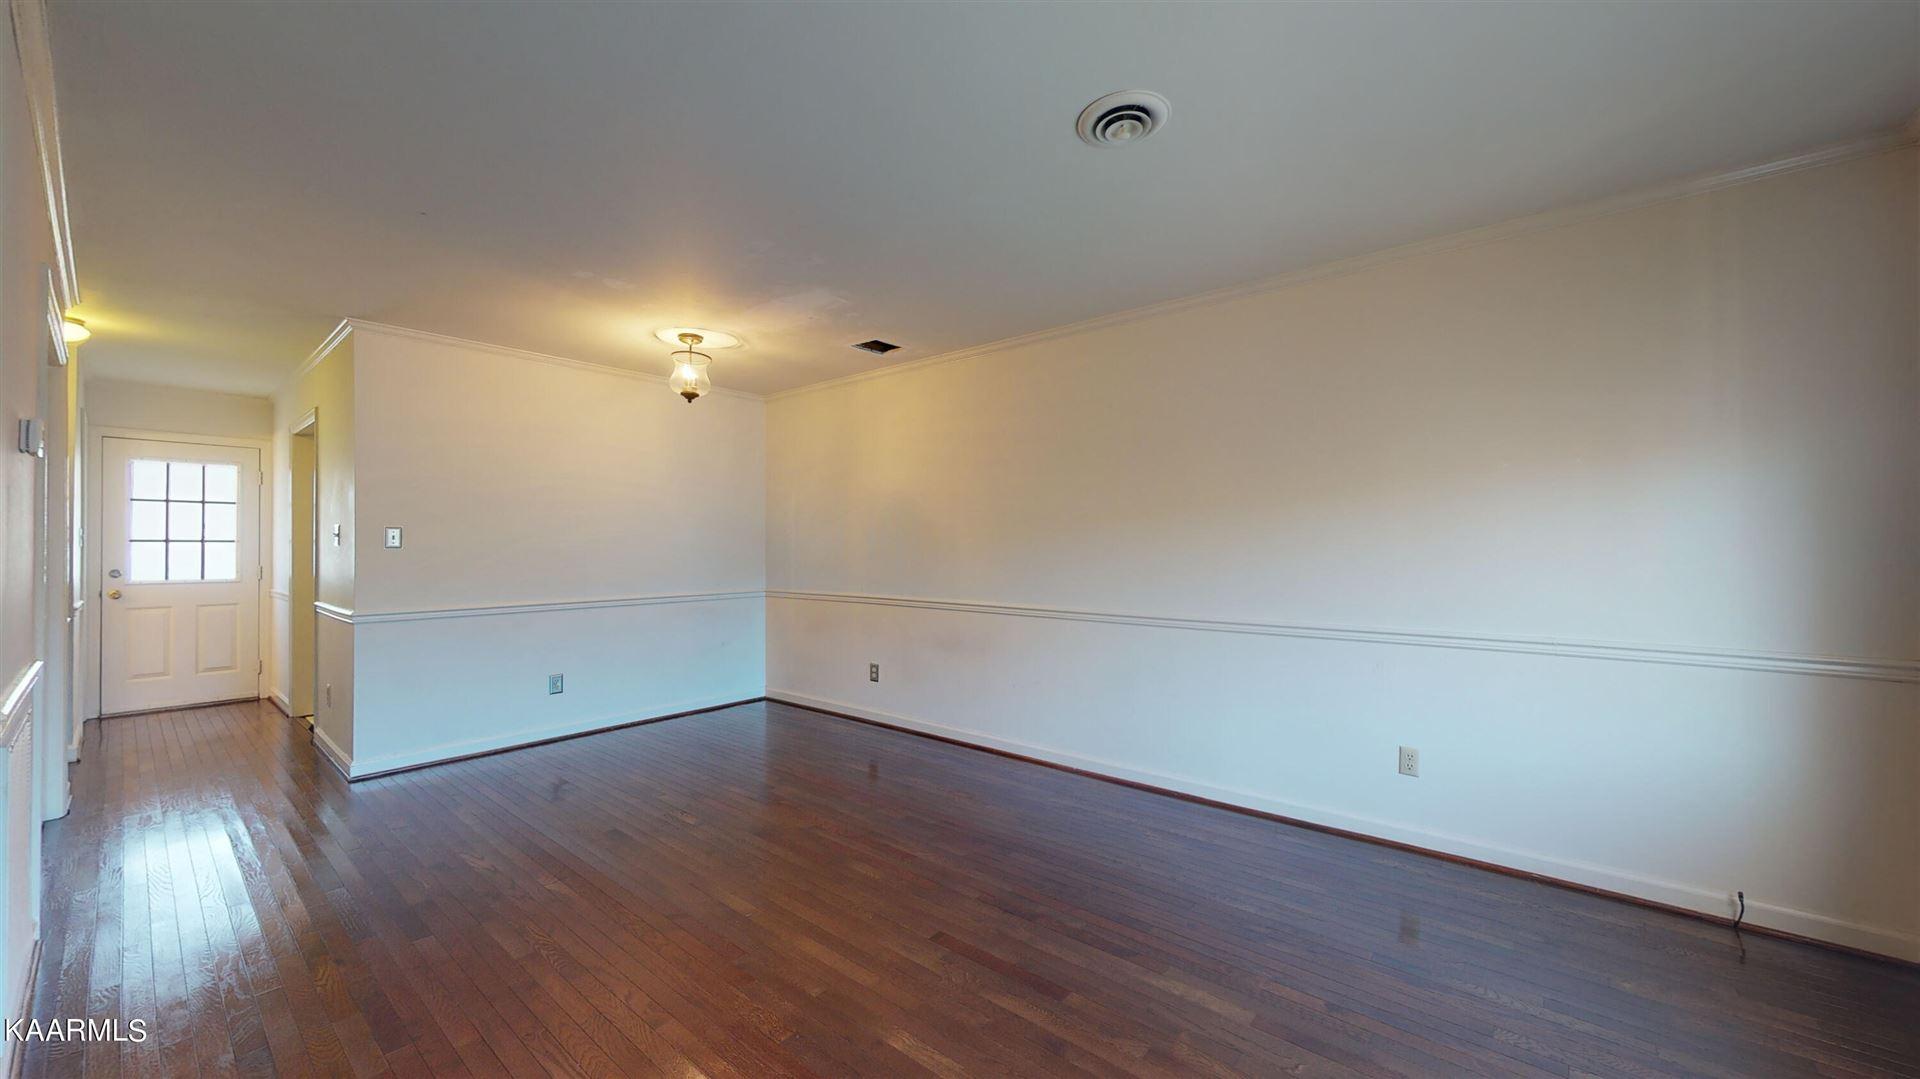 Photo of 475 Bramblewood Lane, Knoxville, TN 37922 (MLS # 1171738)